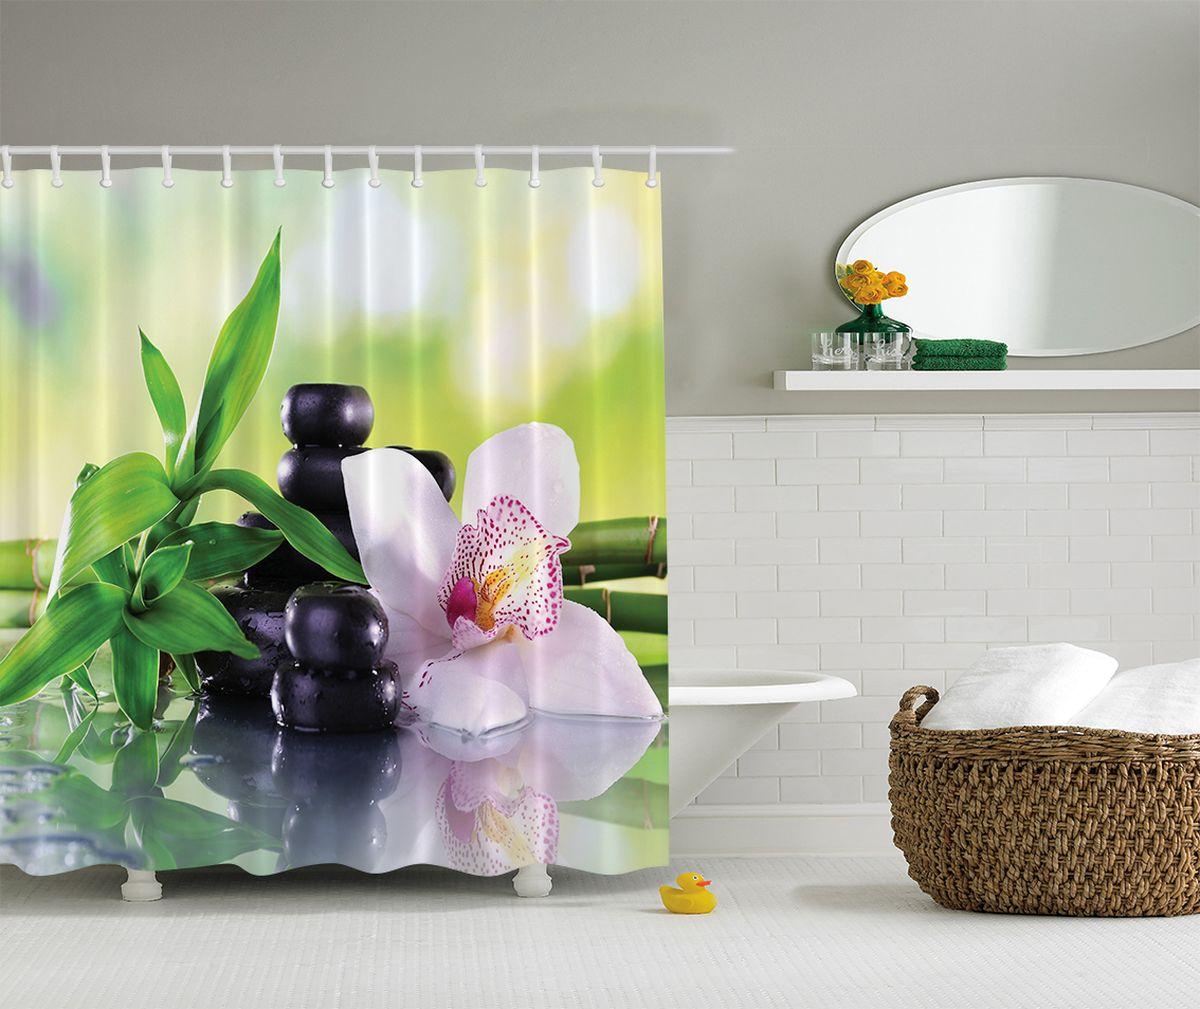 """Штора Magic Lady """"Спокойствие"""", изготовленная из высококачественного сатена (полиэстер 100%), отлично дополнит любой интерьер ванной комнаты. При изготовлении используются специальные гипоаллергенные чернила для прямой печати по ткани, безопасные для человека.    В комплекте: 1 штора, 12 крючков. Обращаем ваше внимание, фактический цвет изделия может незначительно отличаться от представленного на фото."""